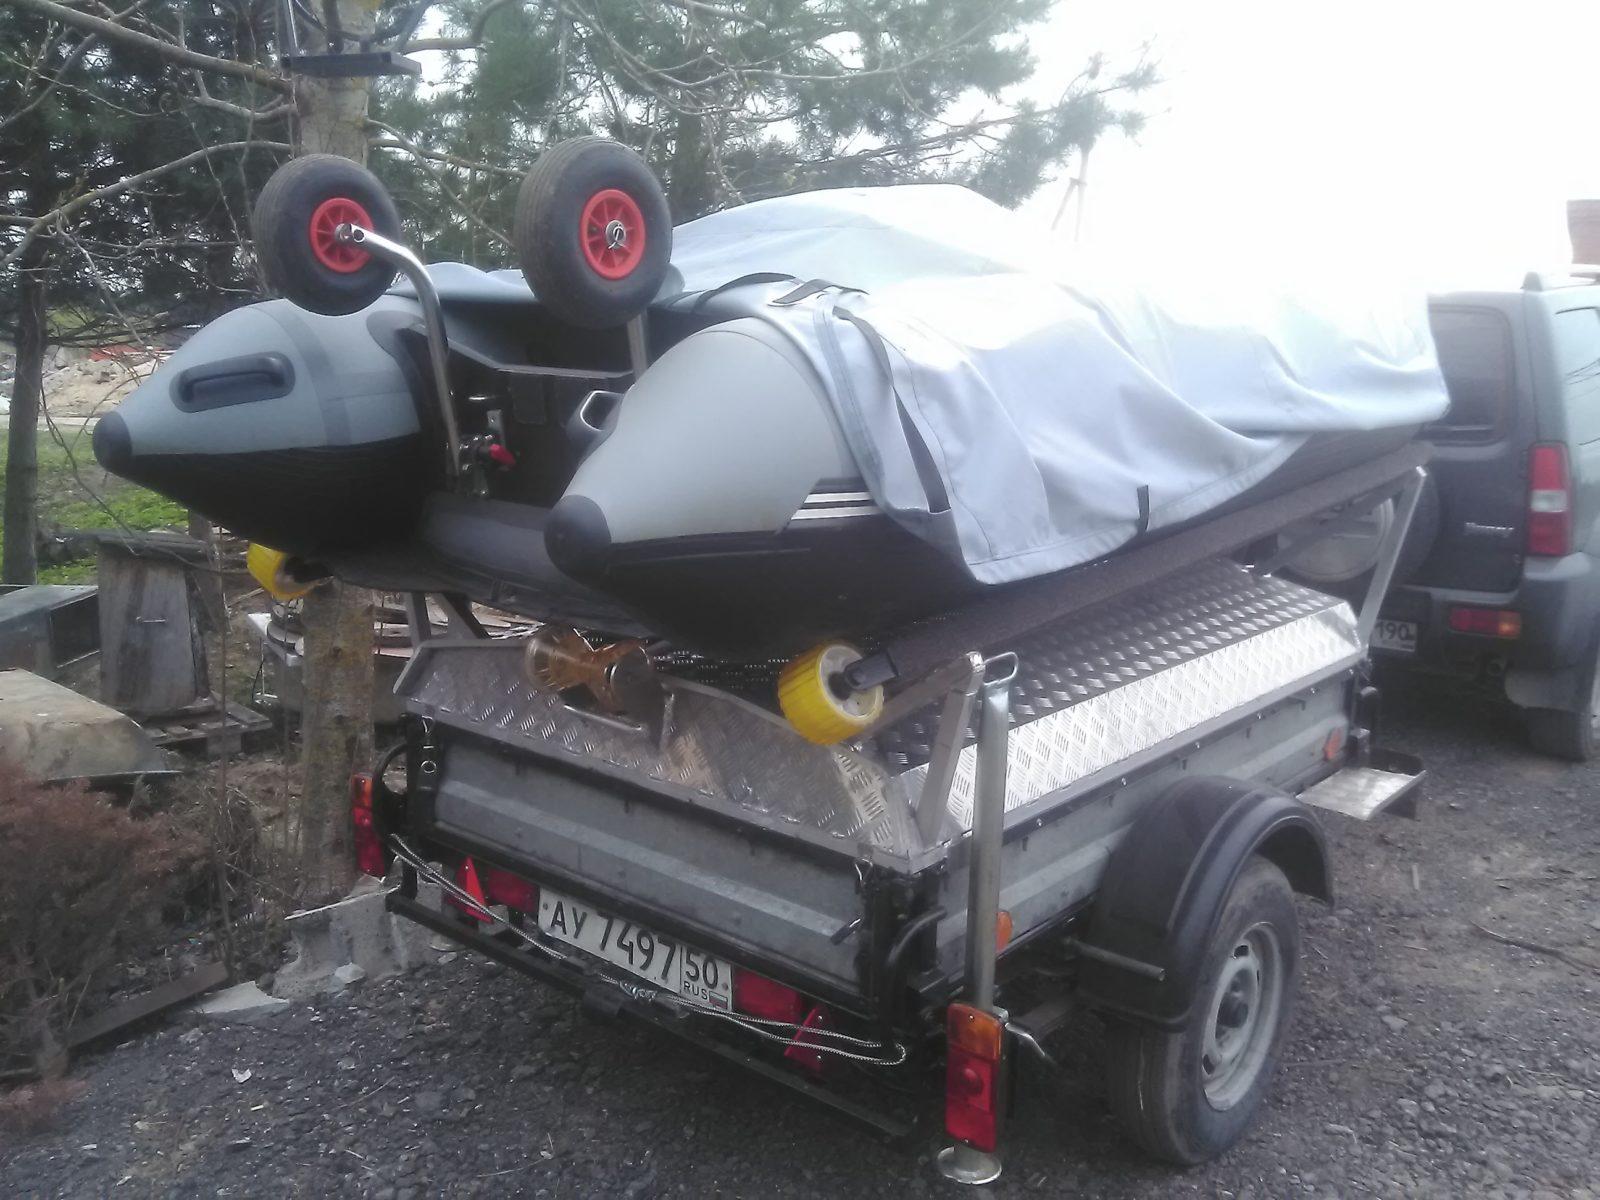 сварка алюминия Крепление Лодки к авто прицепу